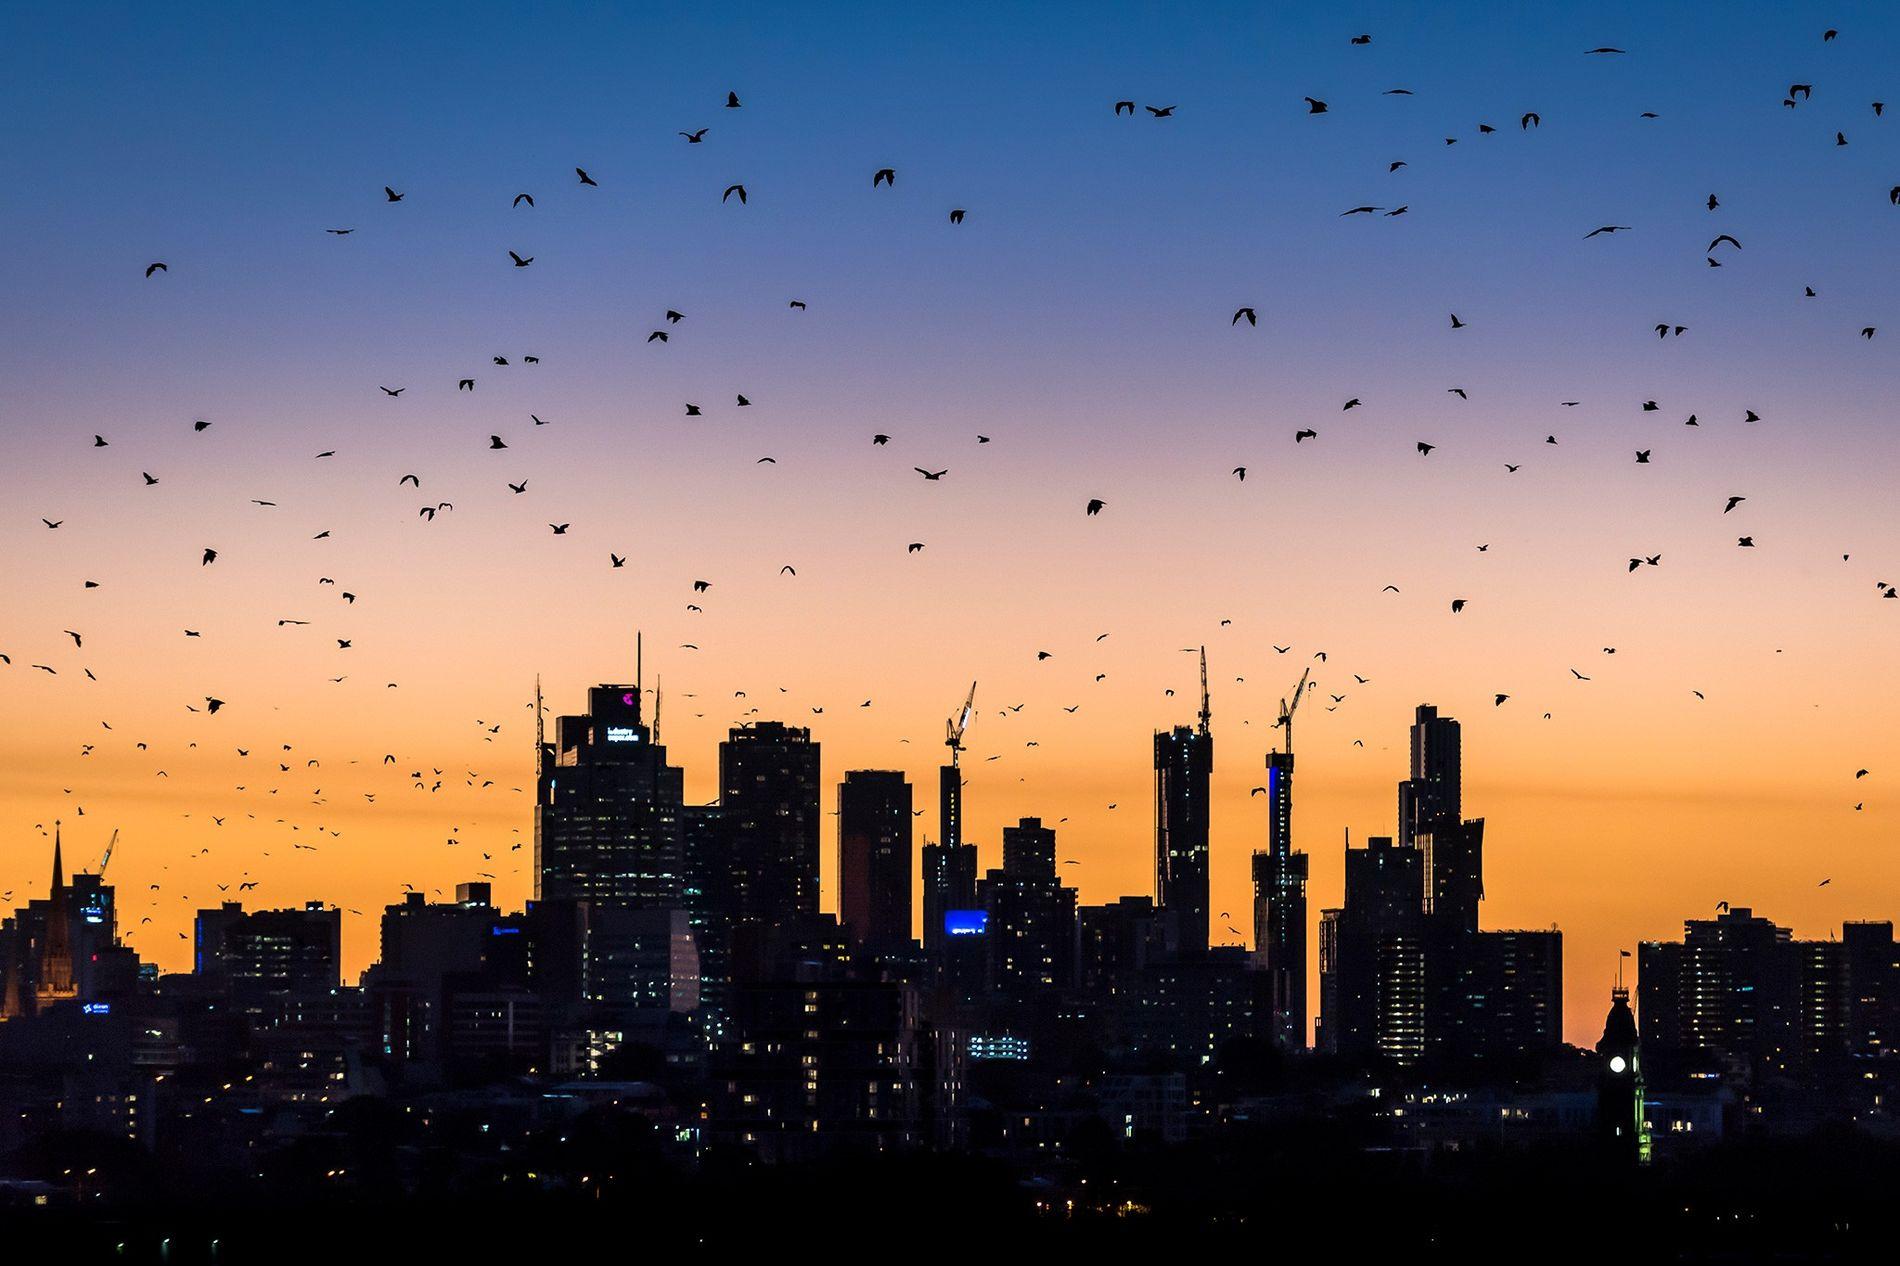 Graukopf-Flughunde fliegen an einem warmen Sommerabend auf der Suche nach Nahrung durch die Stadt. Nachts machen ...